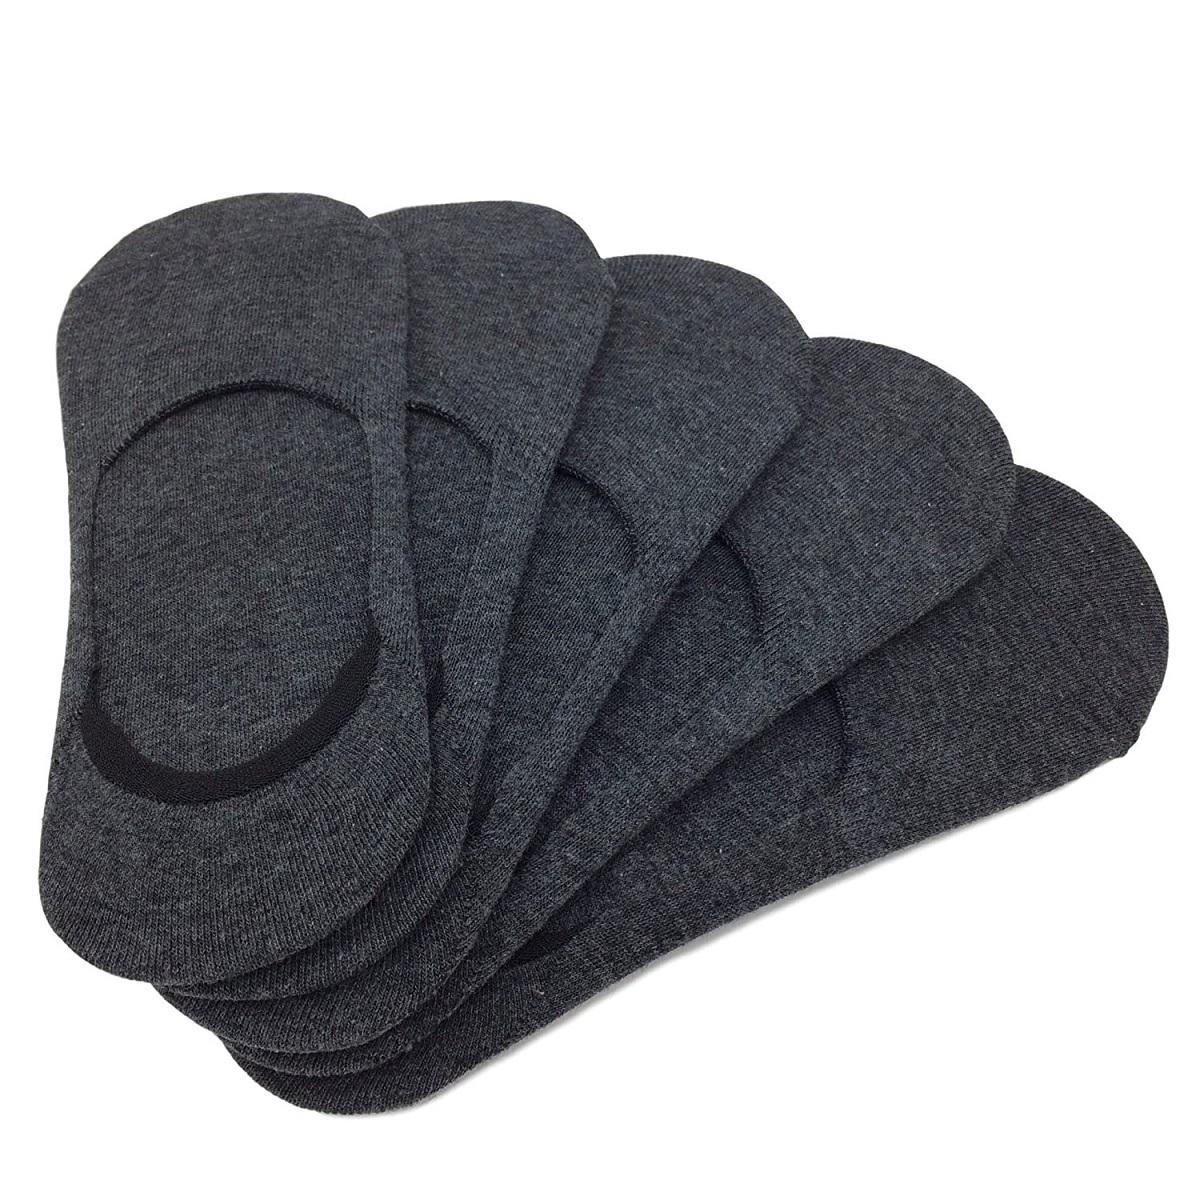 フットカバー 選択 レディース 特別セール品 すべり止めつき 靴下 ポイント消化 5足セット E-2 濃グレー